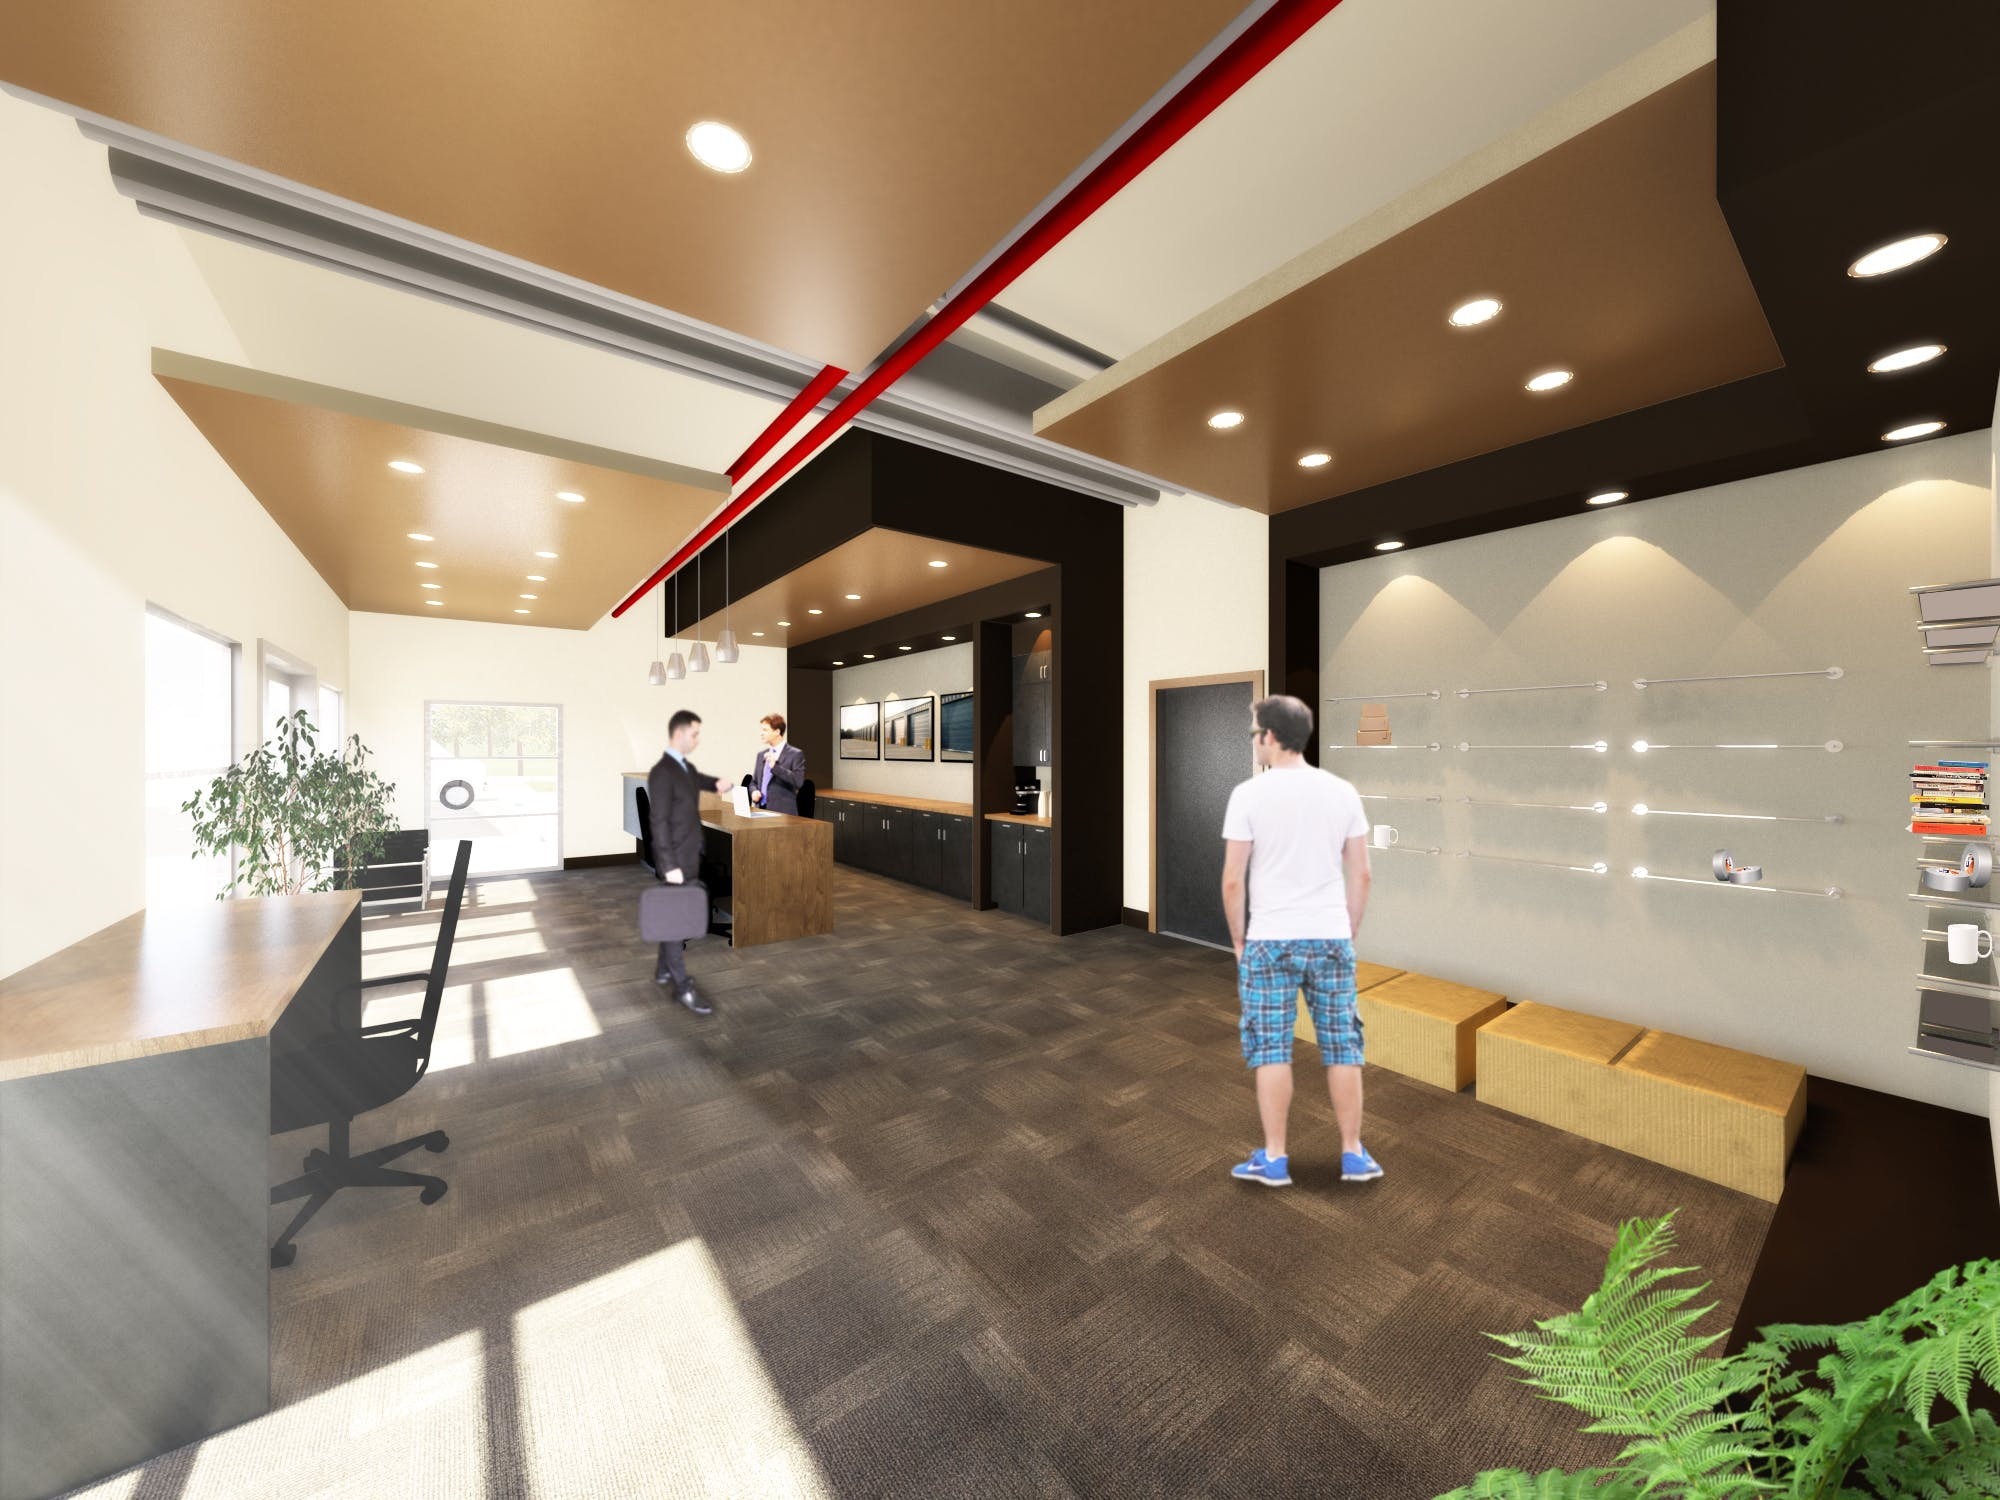 Petaluma Self Storage Gkw Architects Archinect